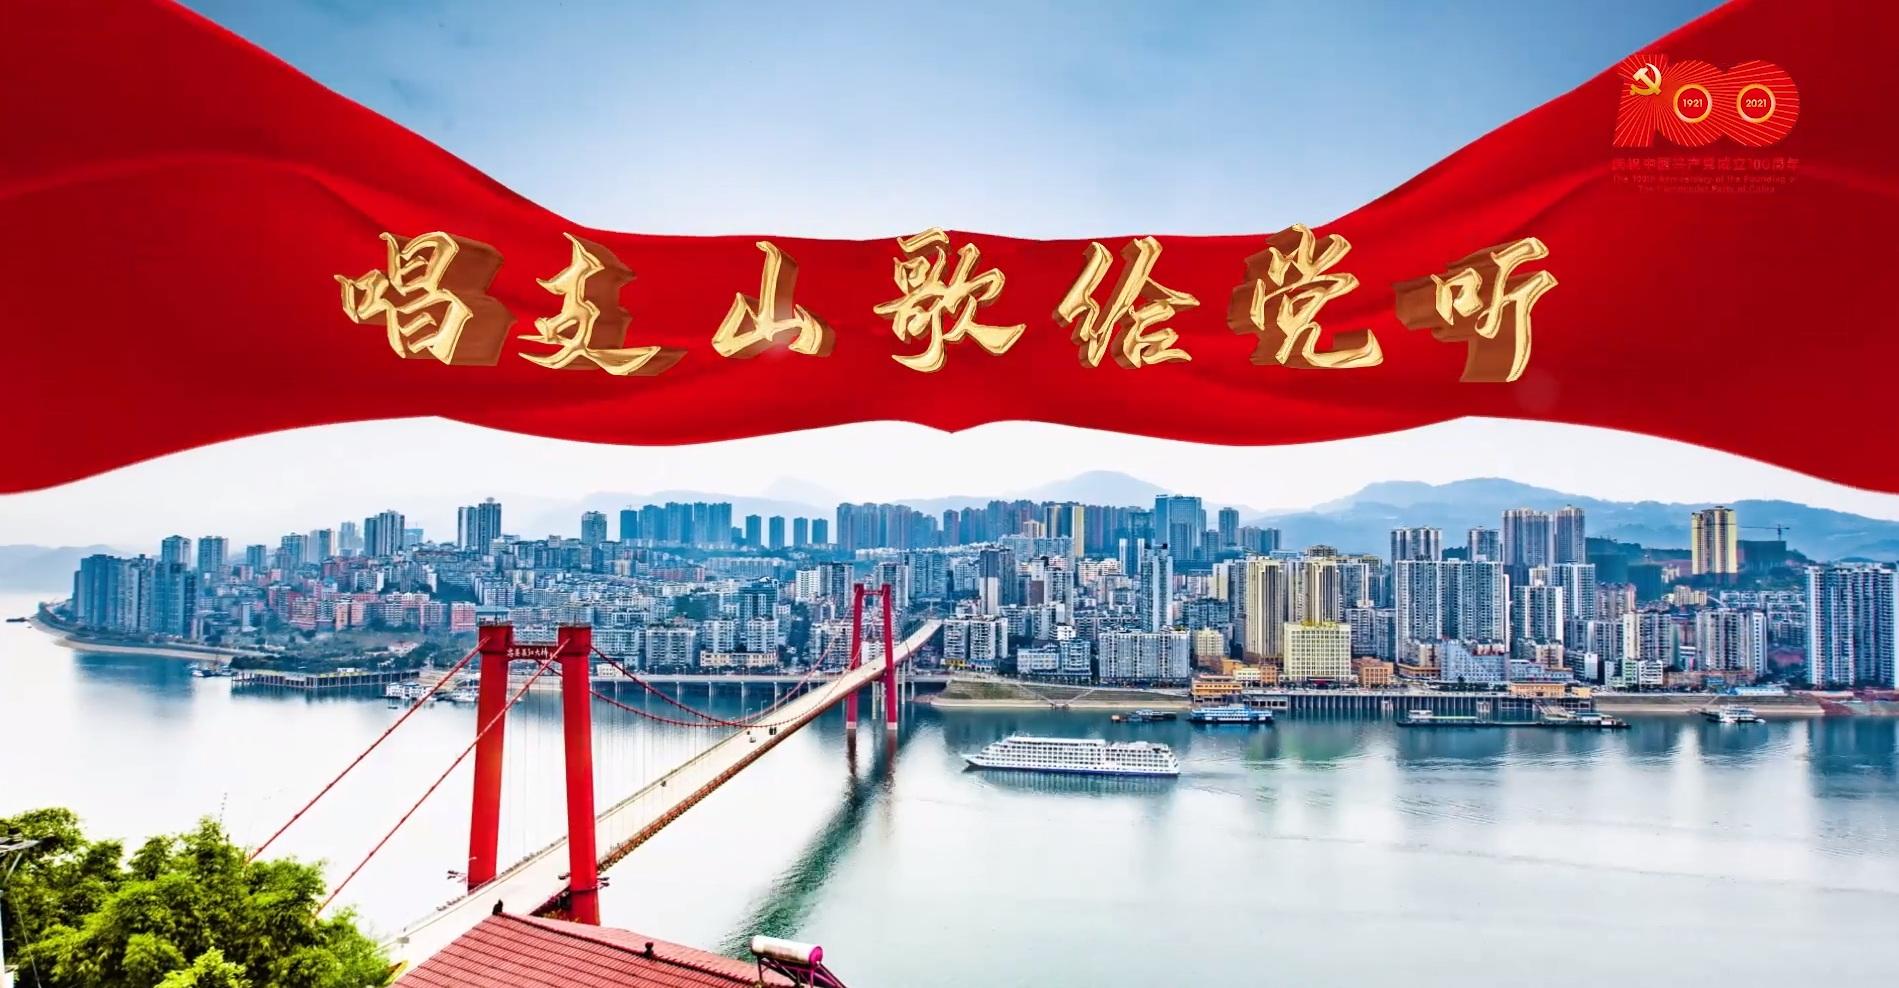 重庆忠县 | 唱支山歌给党听